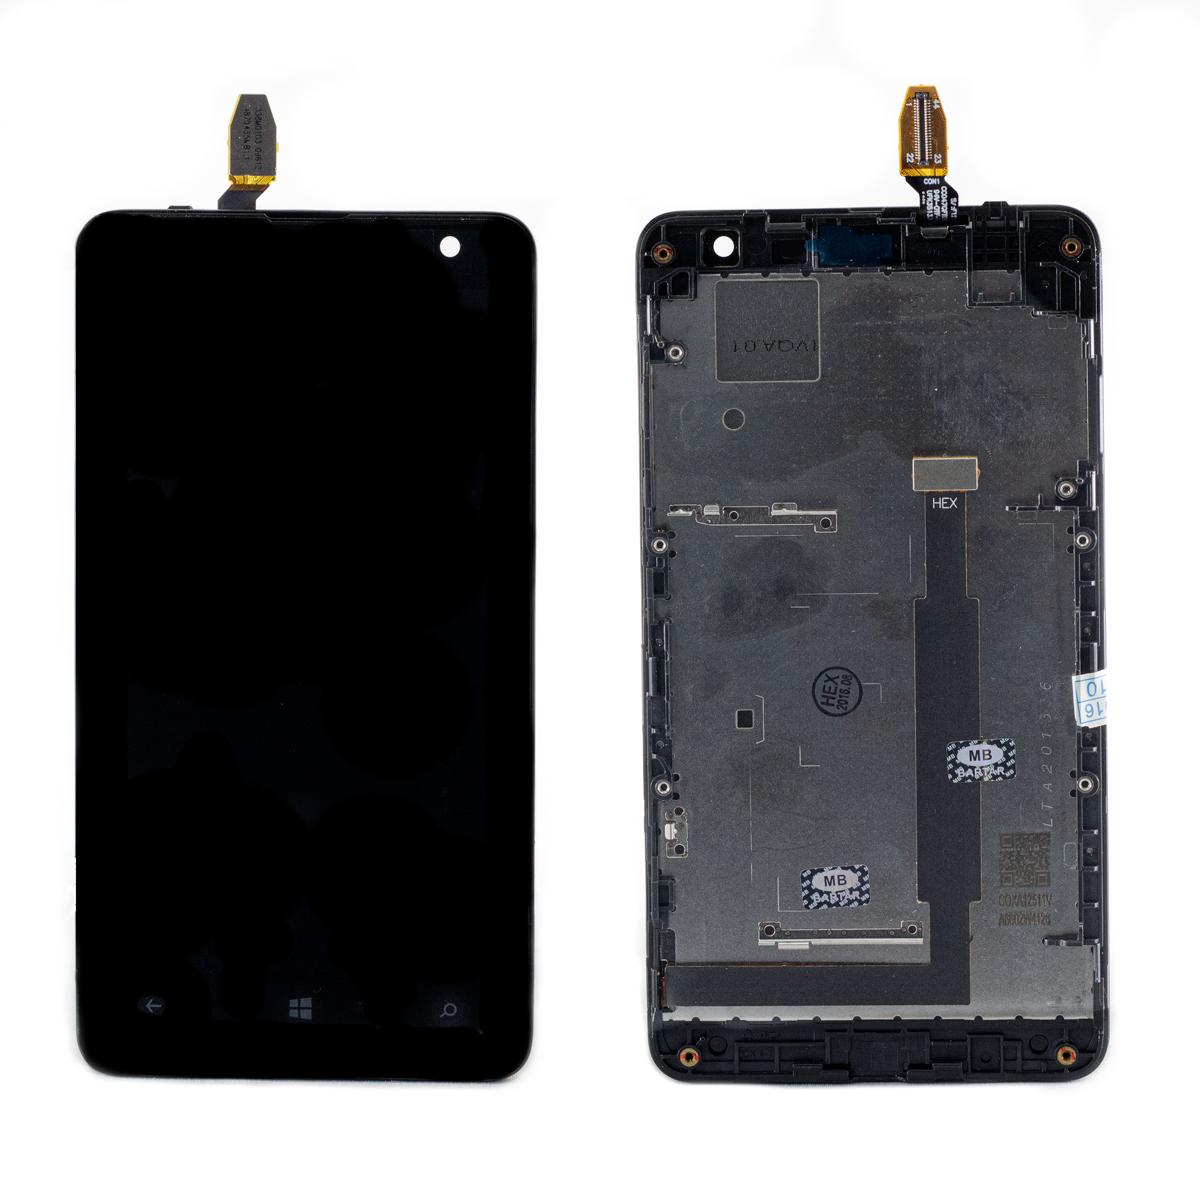 ال سی دی نوکیا lcd lumia 625